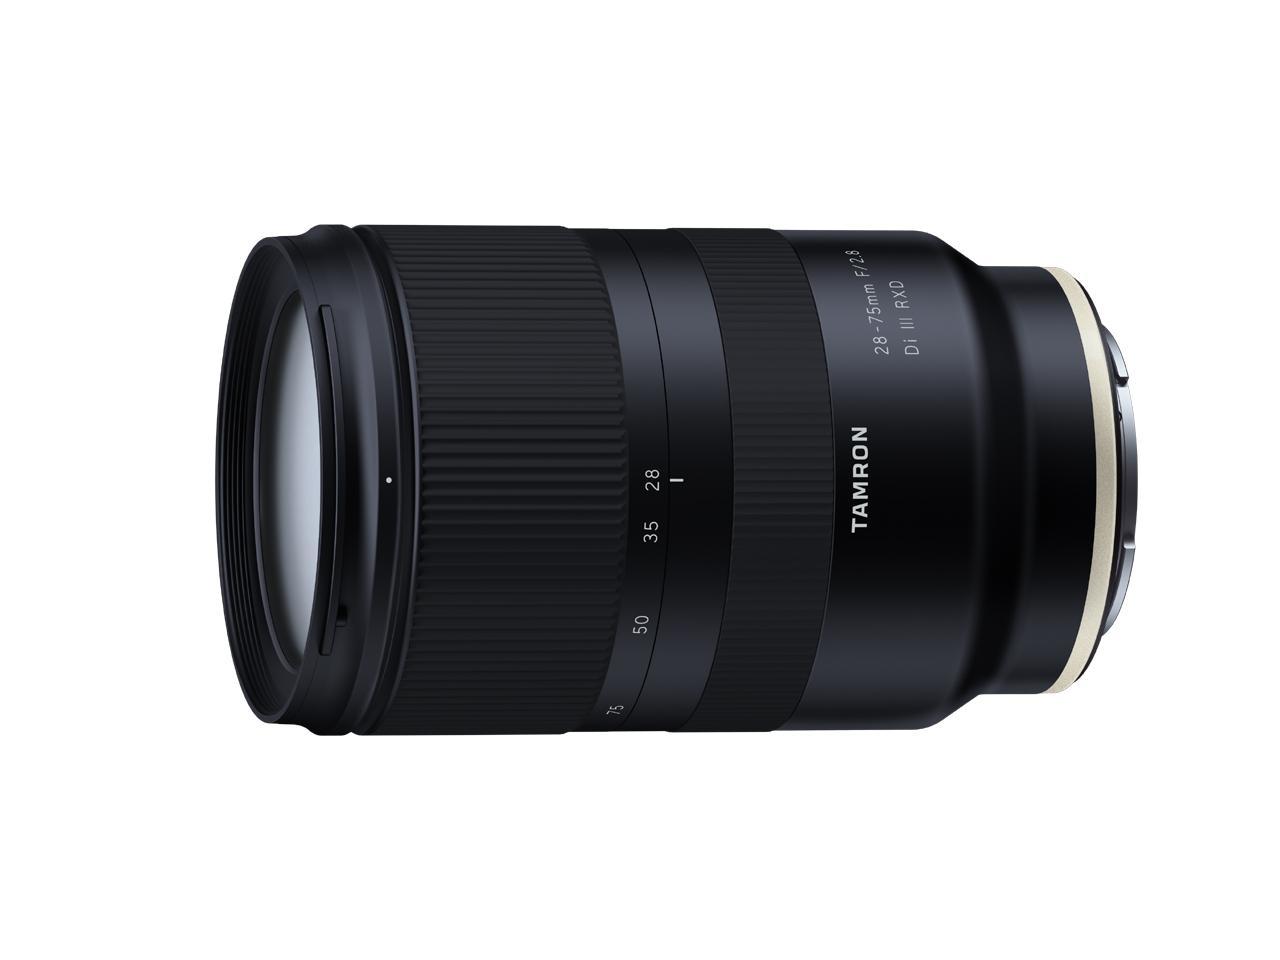 画像: タムロンはフルサイズ対応のミラーレス専用、大口径標準ズームレンズ28-75mm F/2.8 DiⅢ RXD (Model A036)の開発を発表!